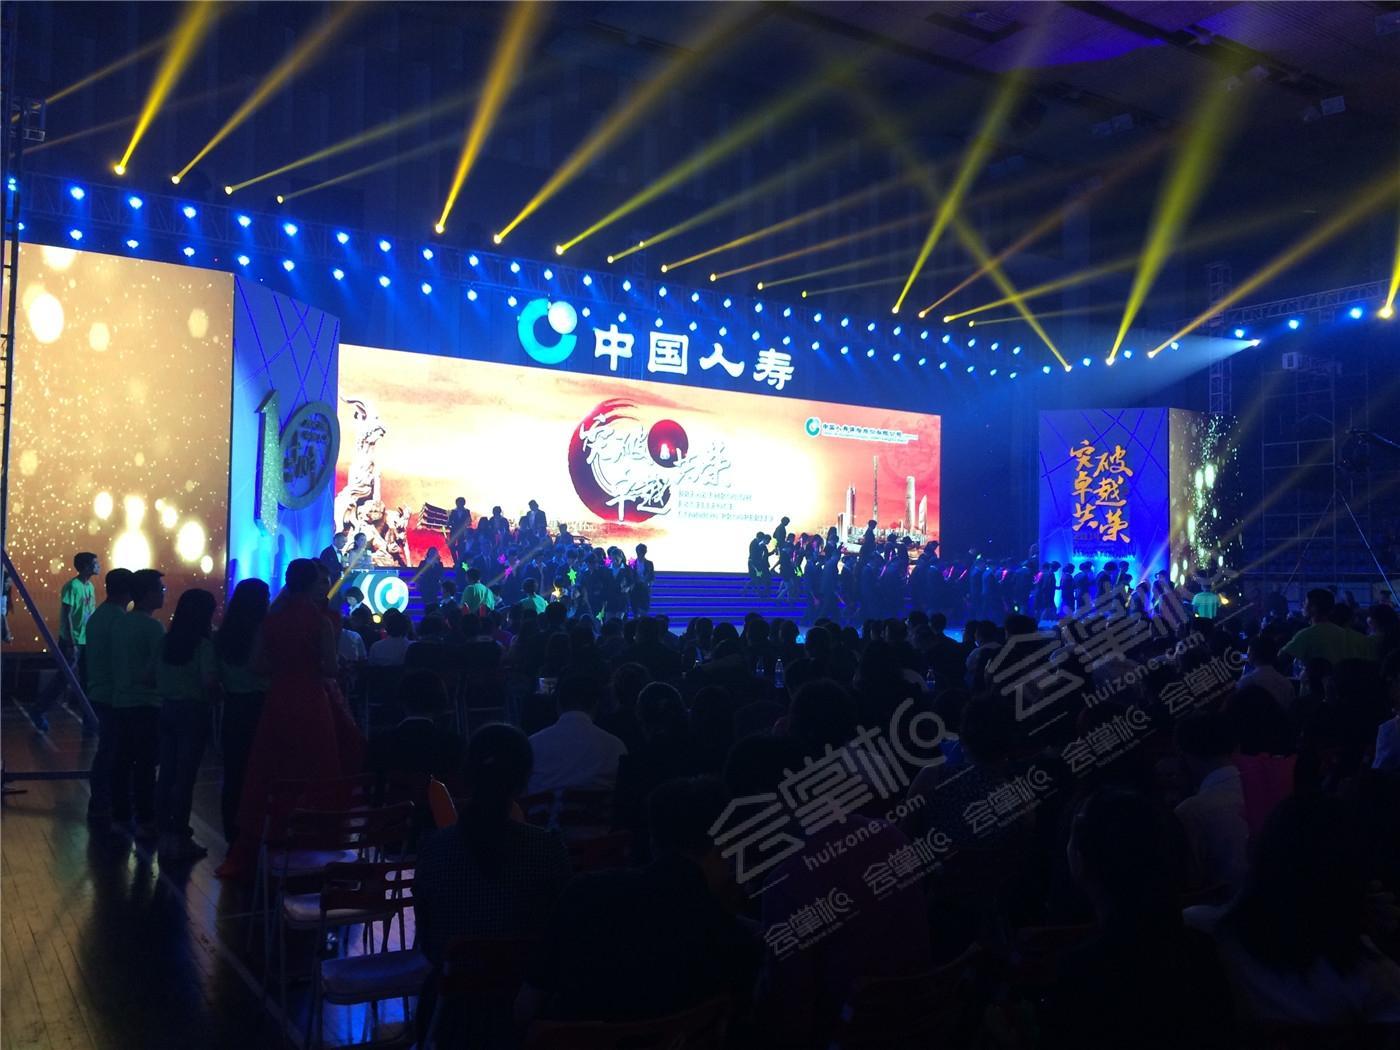 广东体育馆动态:中国人寿广州市公司营销10年庆典 地点:广东体育馆 KEY: